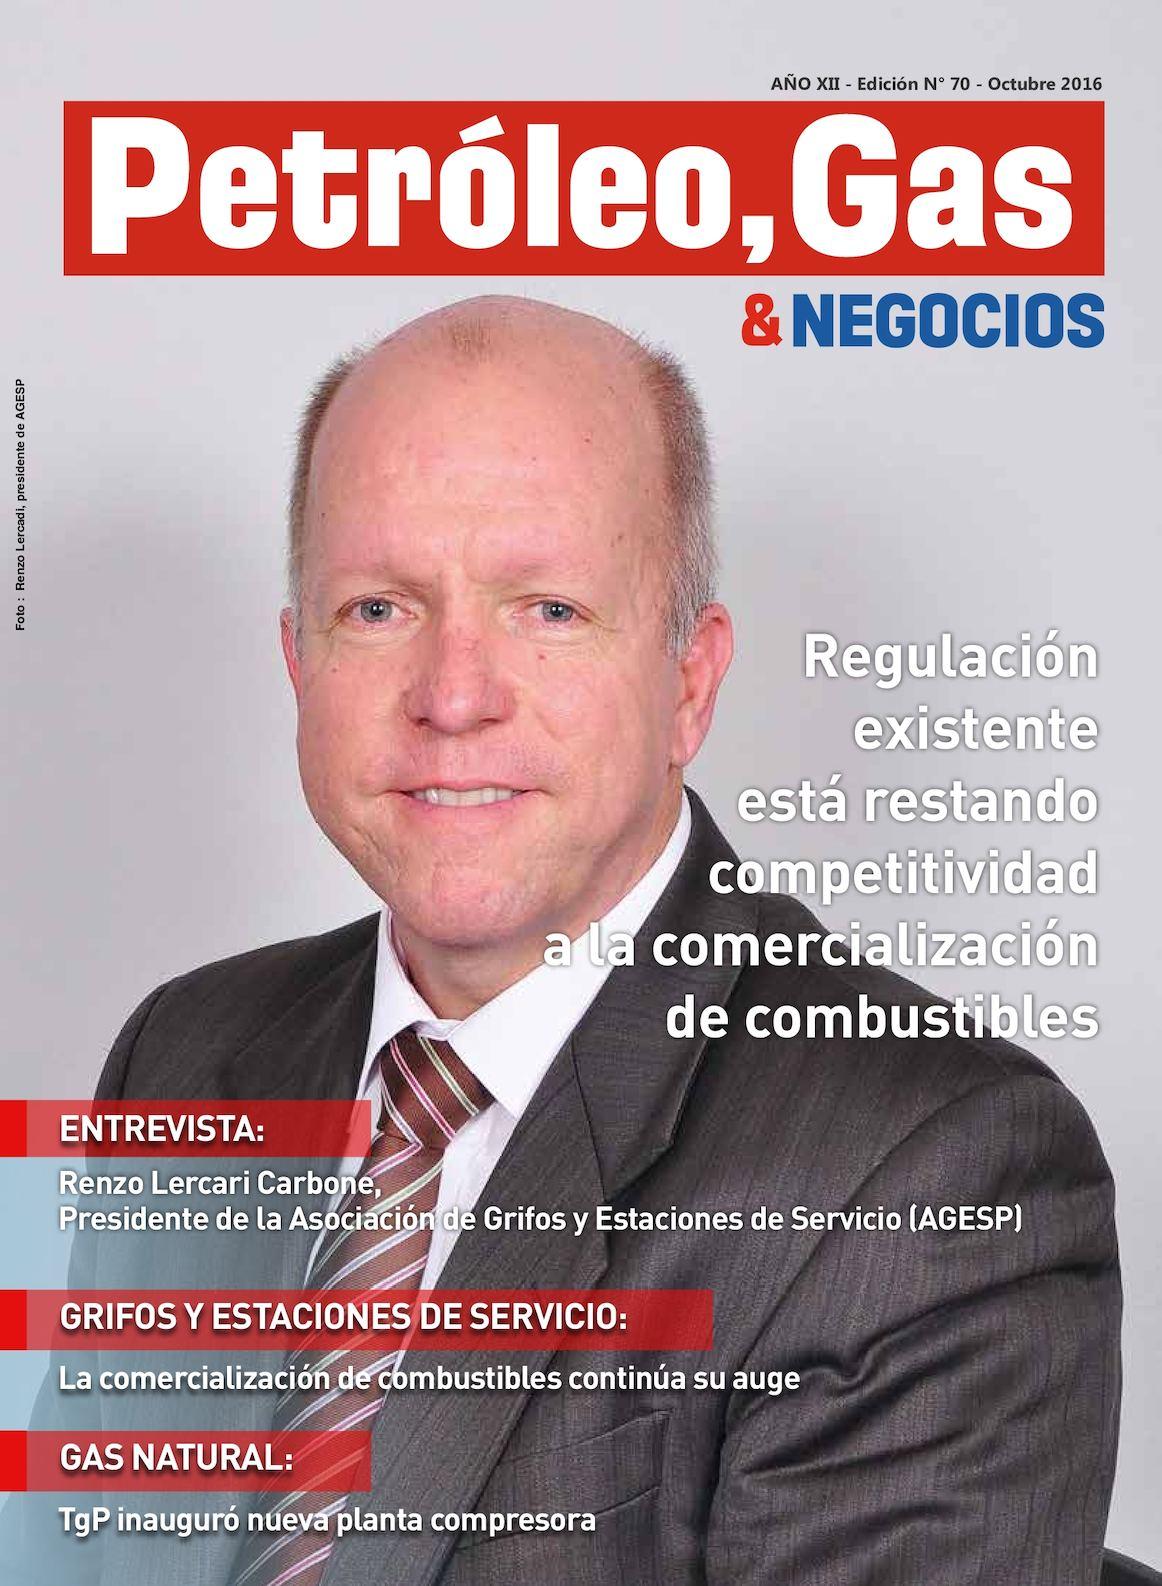 Calaméo - Revista Petroleo, Gas & Negociso Edicion 70